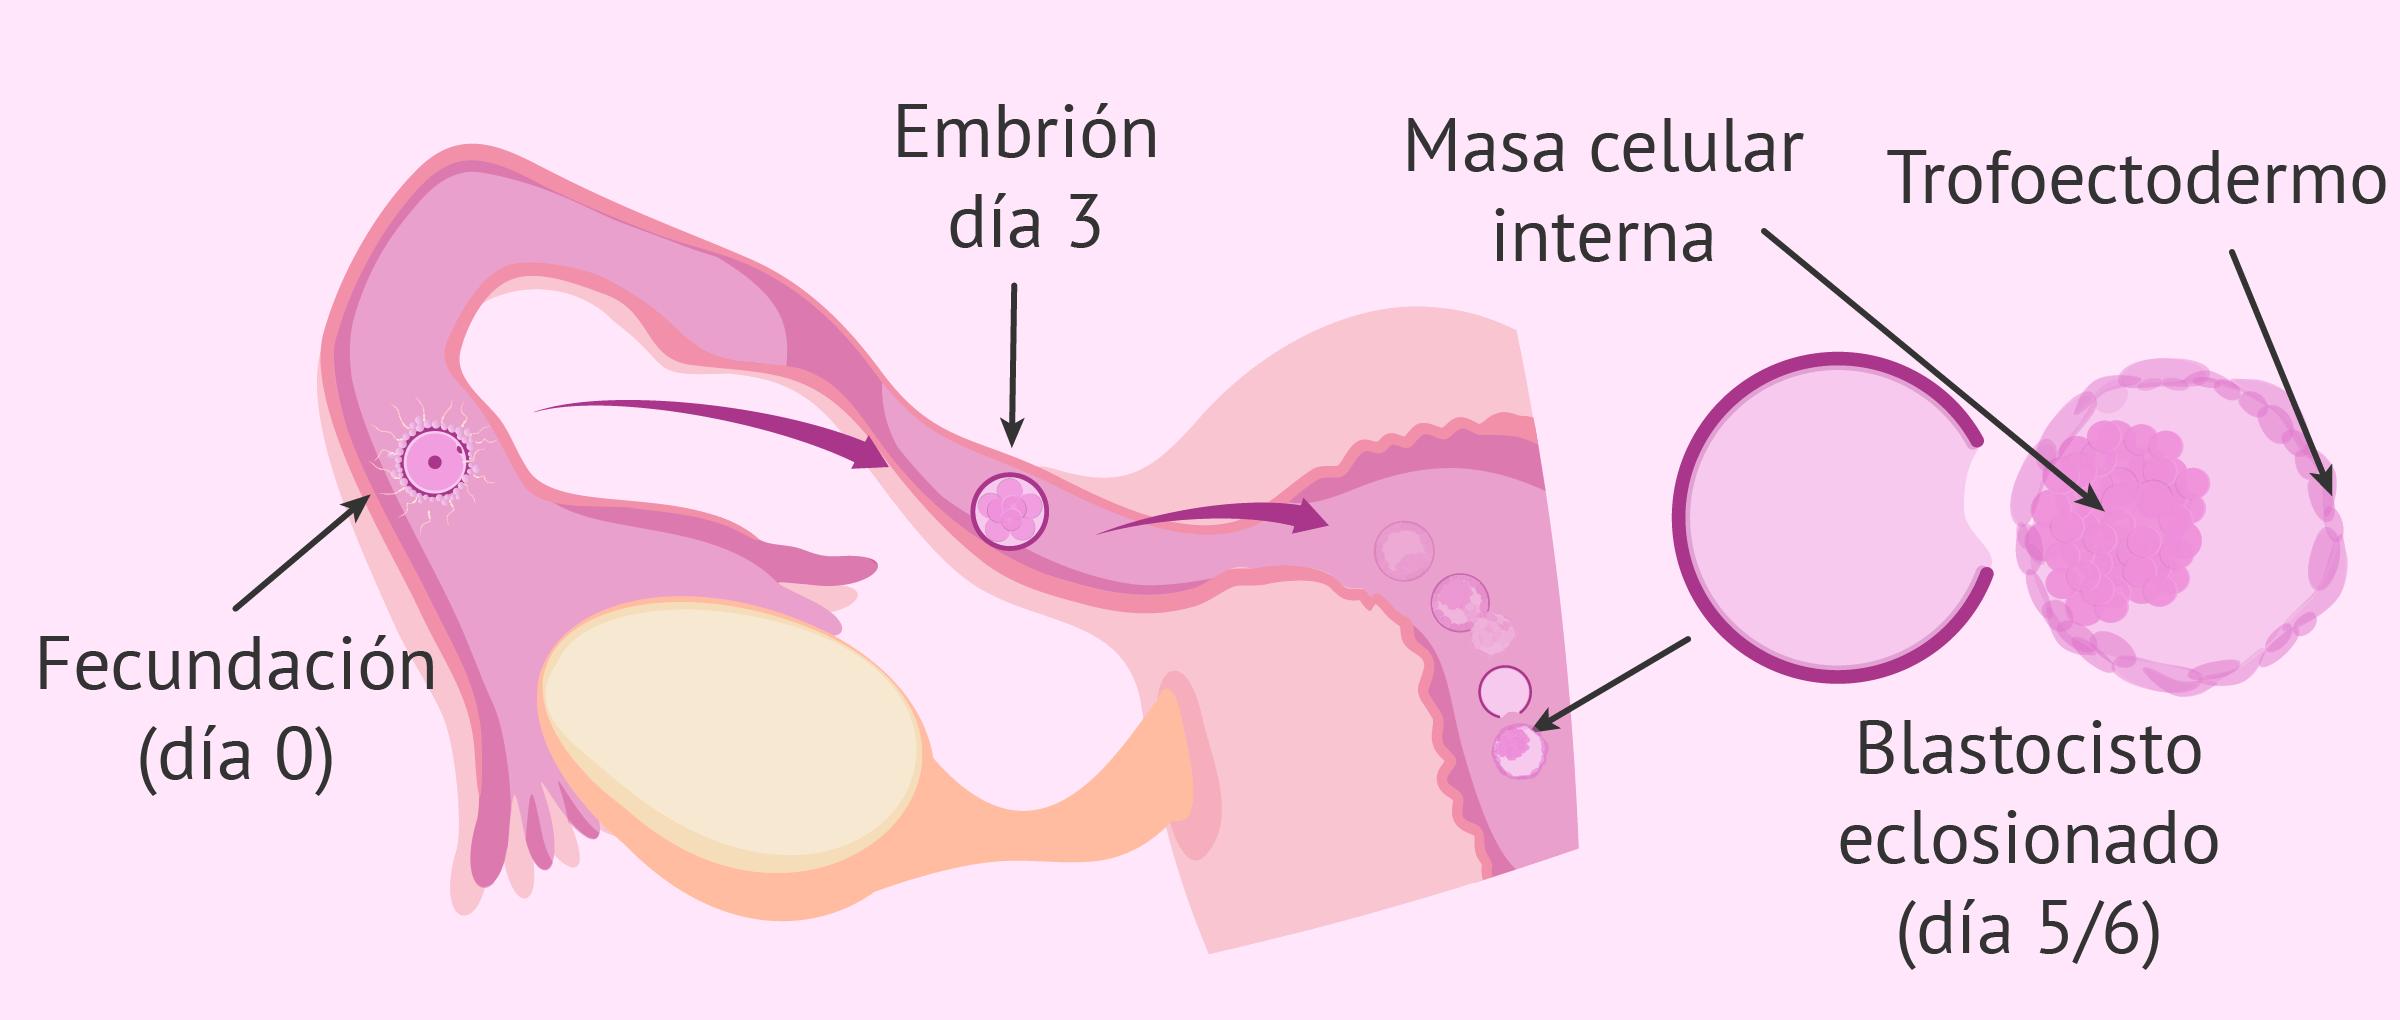 Desarrollo e implantación del embrión en el útero